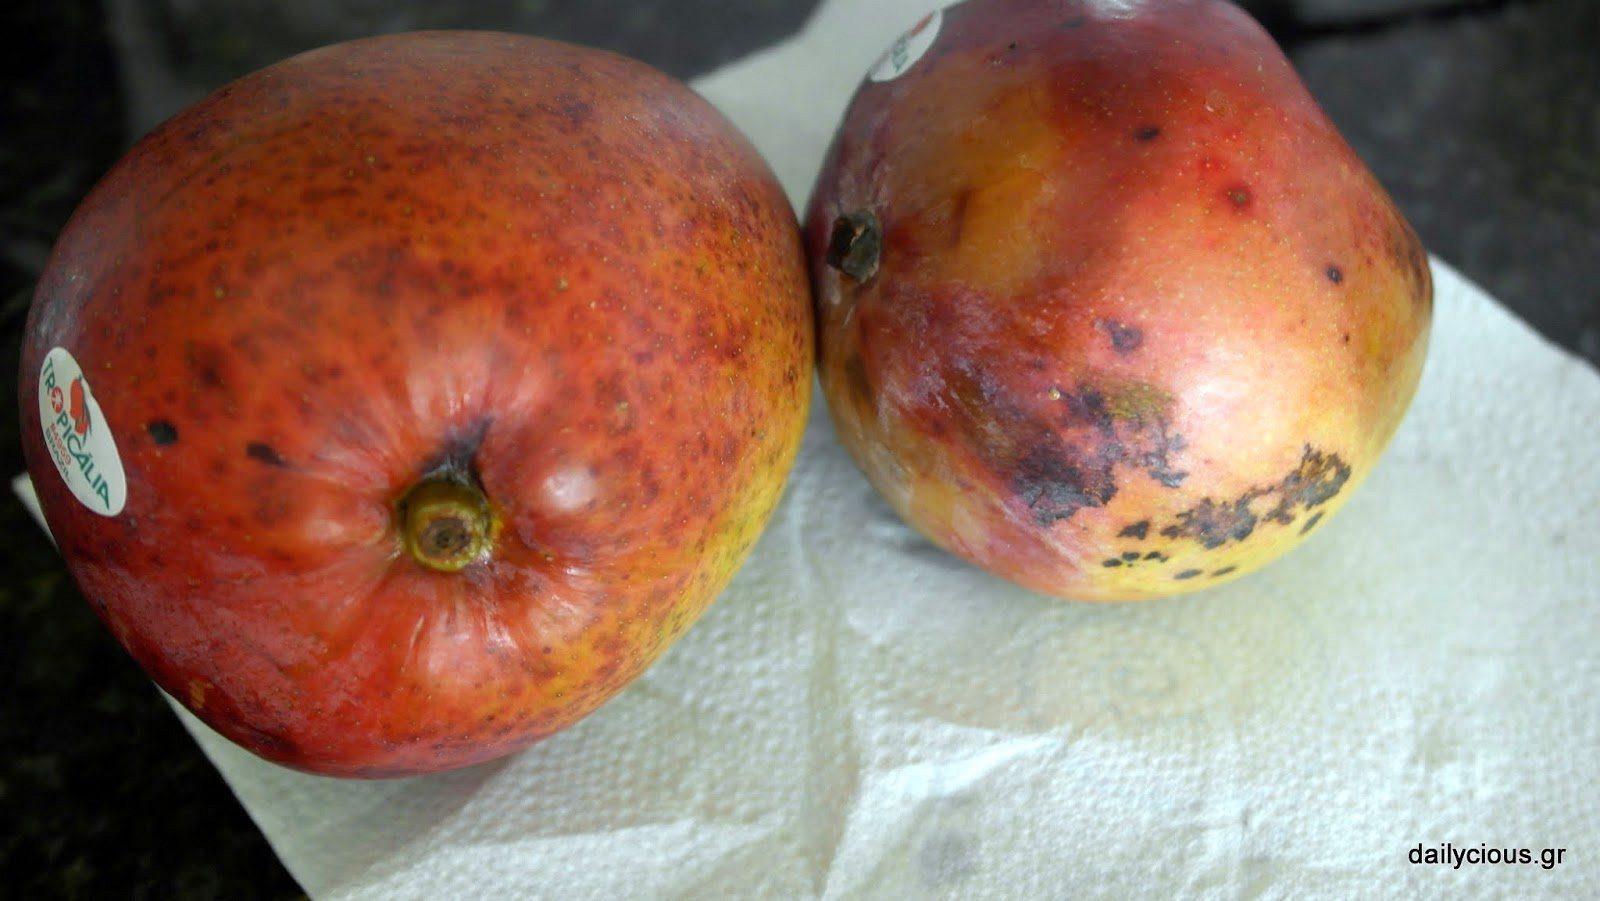 Τα μάνγκο να είναι ελαφρώς ώριμα.